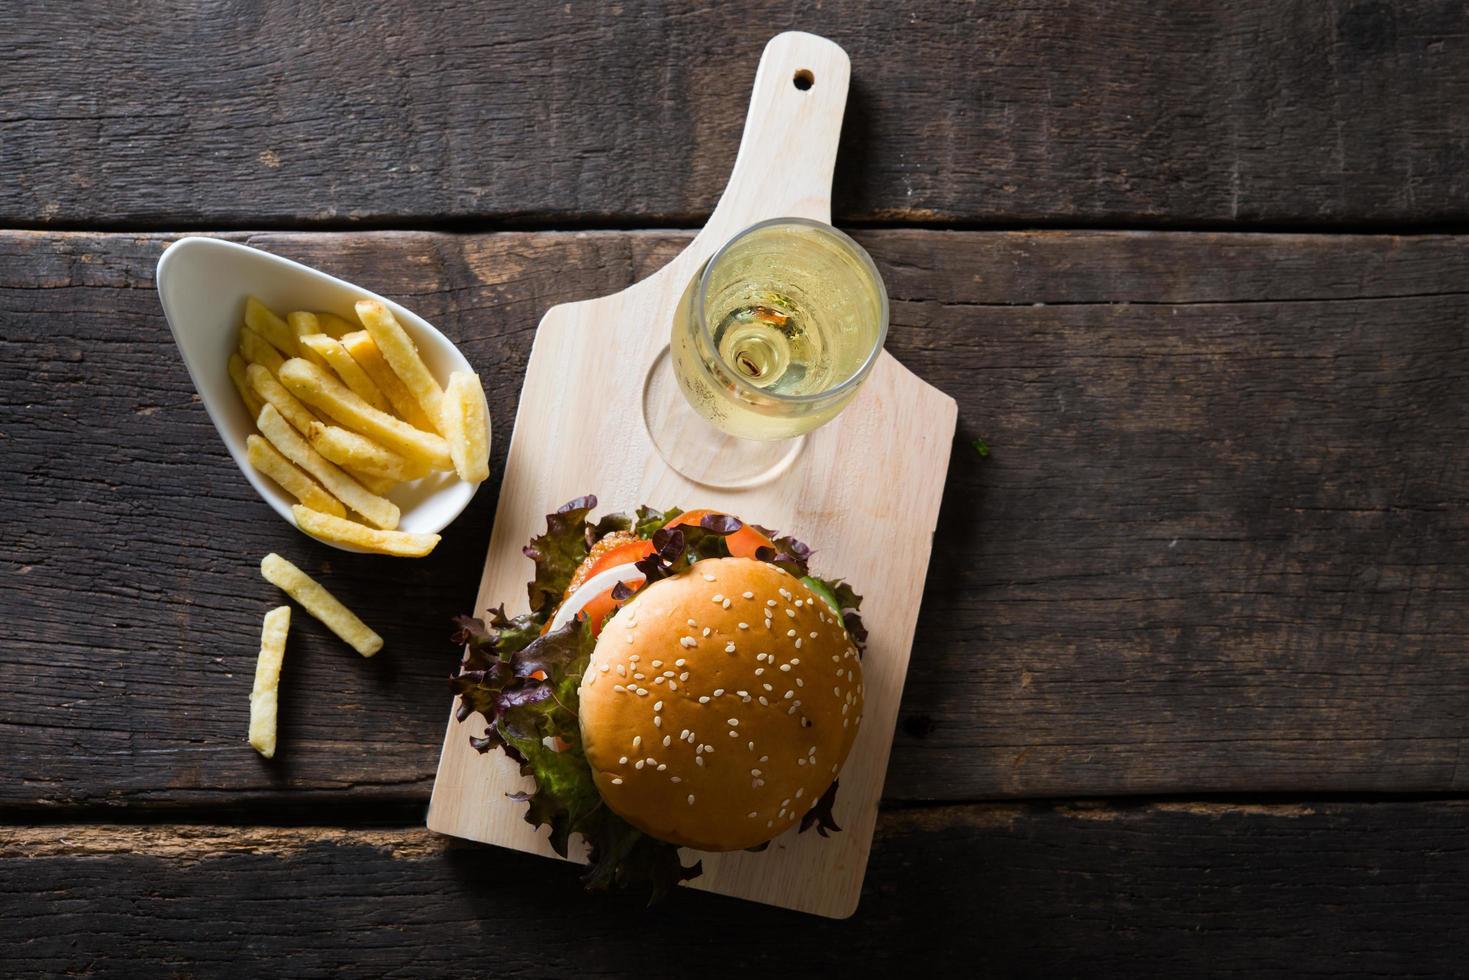 burger de poulet maison avec champagne et frites photo